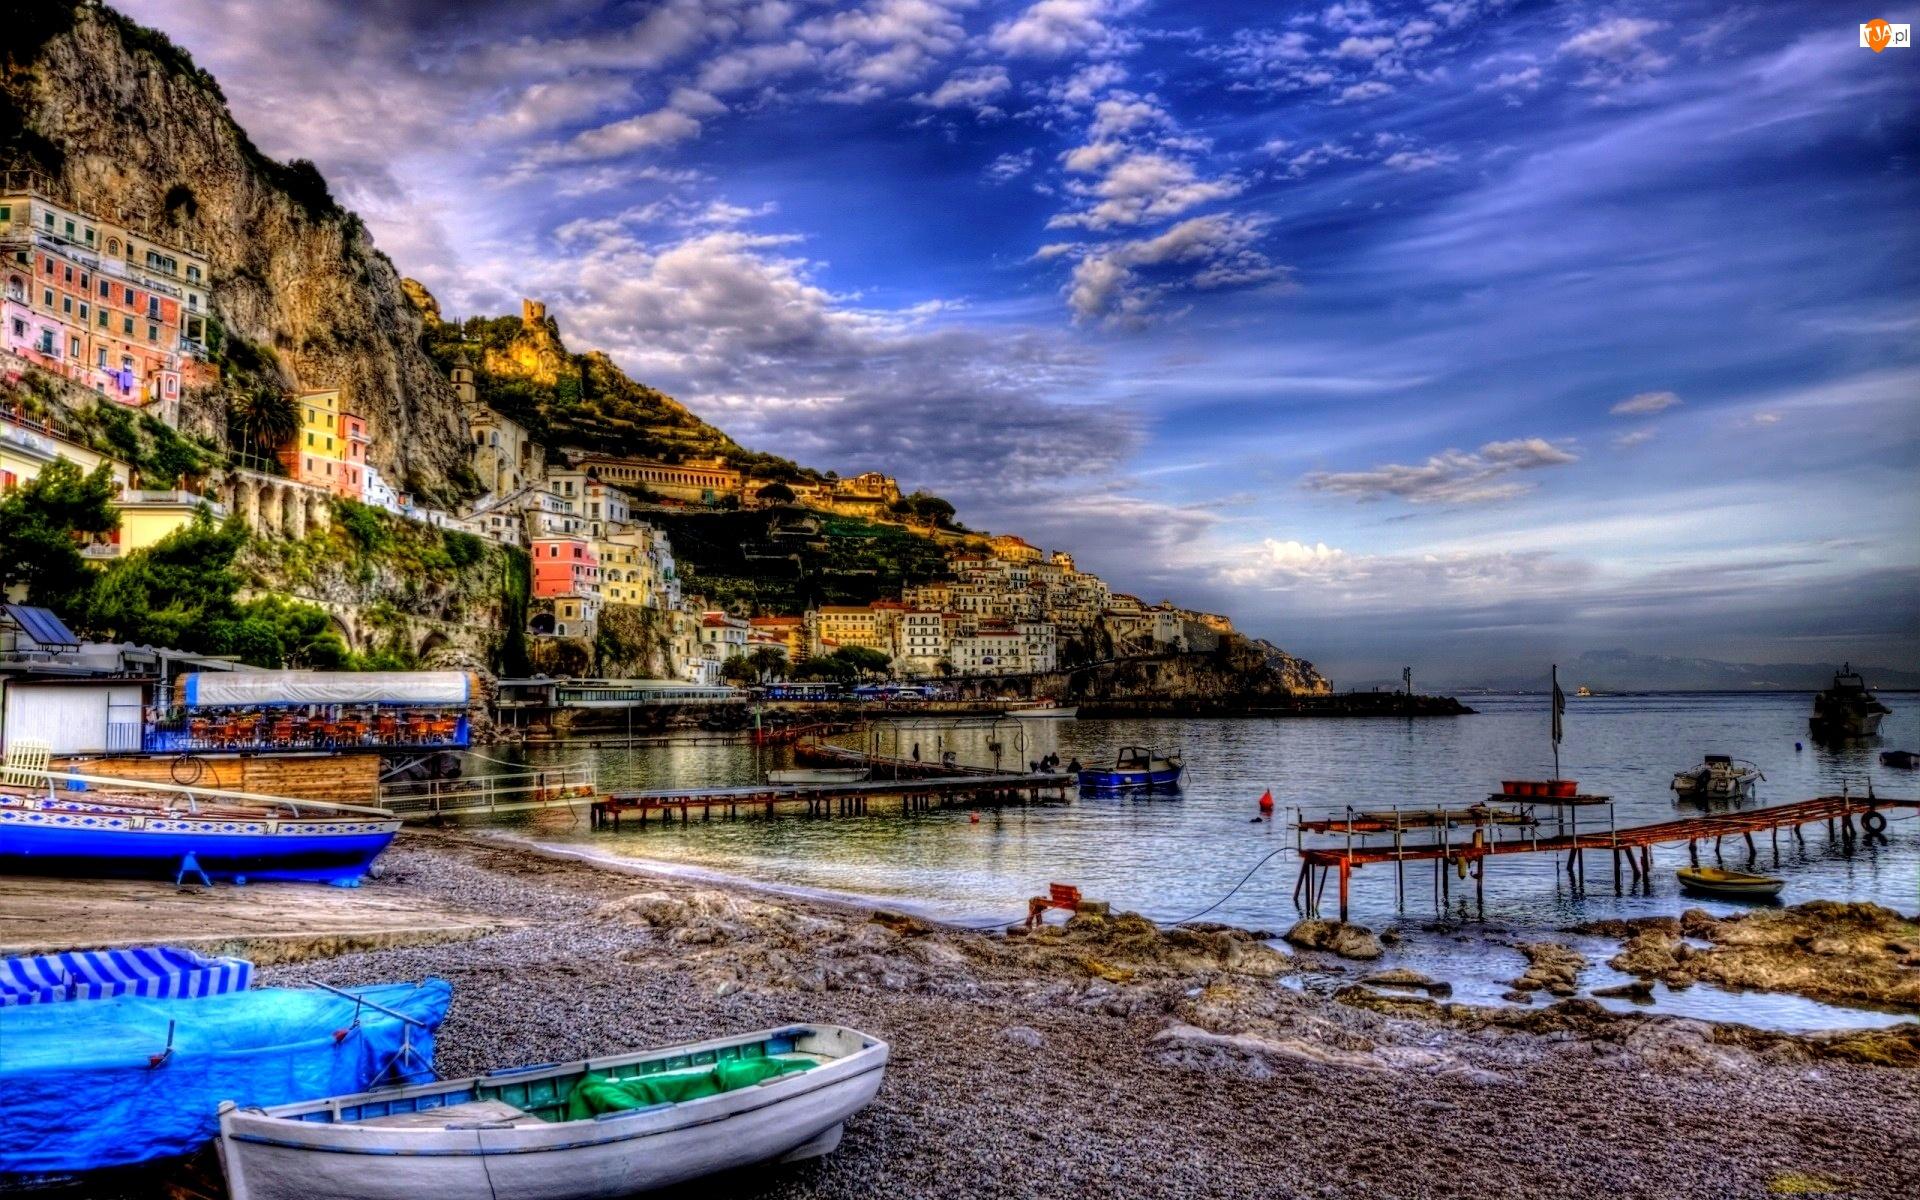 Włochy, Morze, Domy, Łódki, Riomaggiore